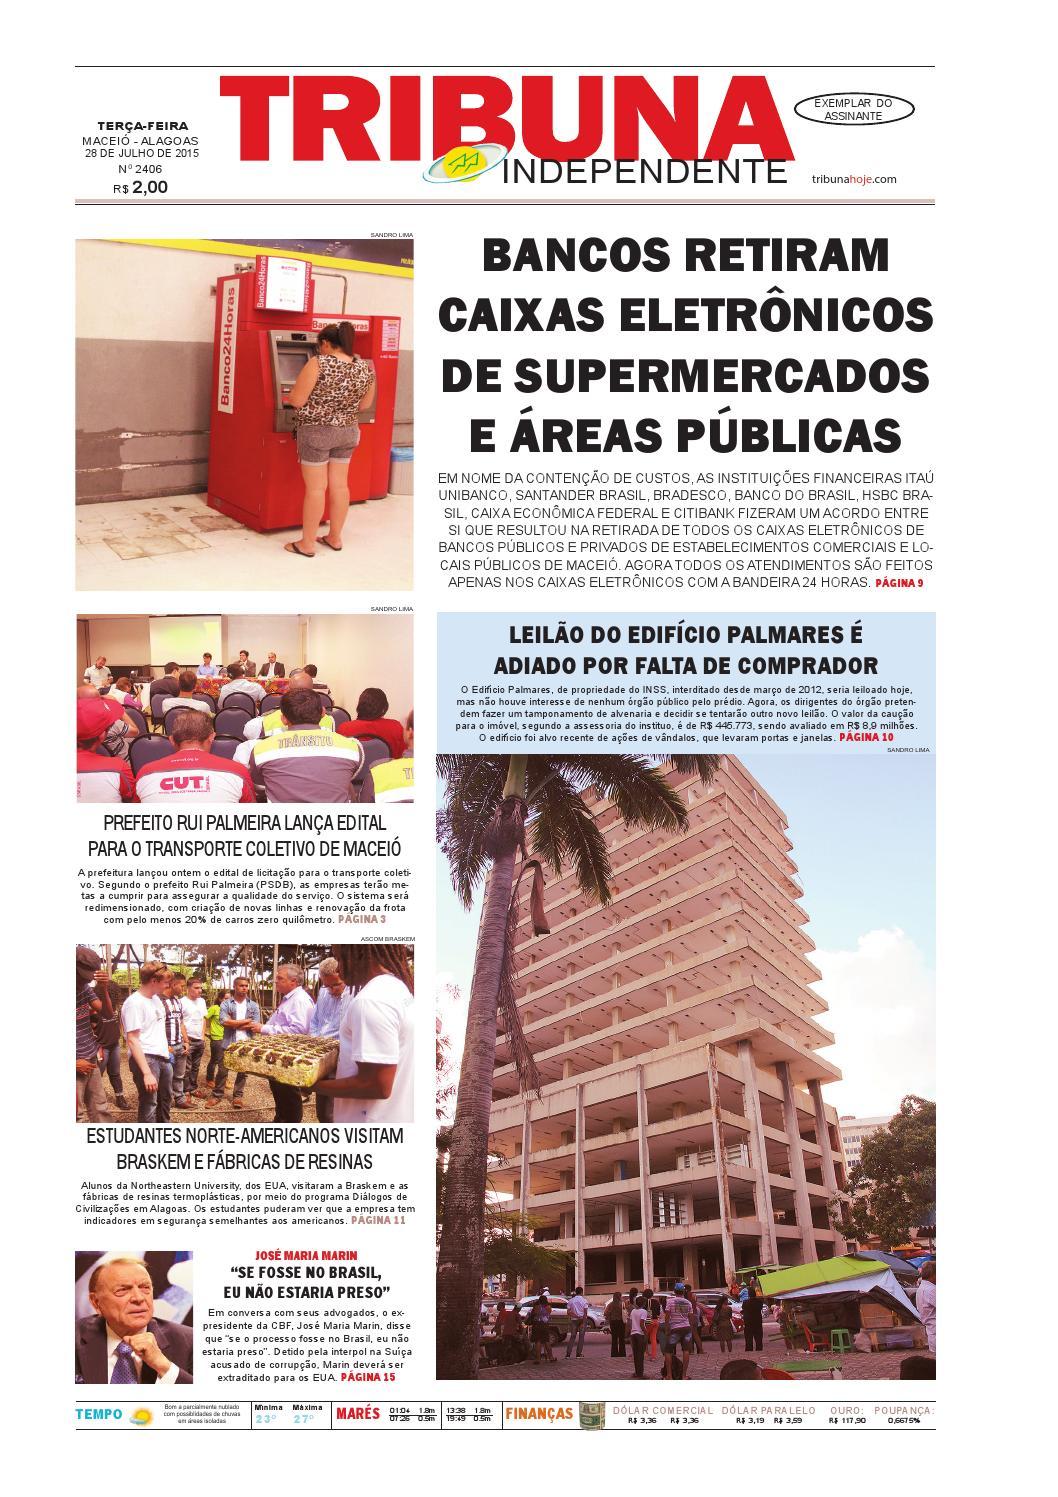 c07f62aff0c Edição número 2406 - 28 de julho de 2015 by Tribuna Hoje - issuu